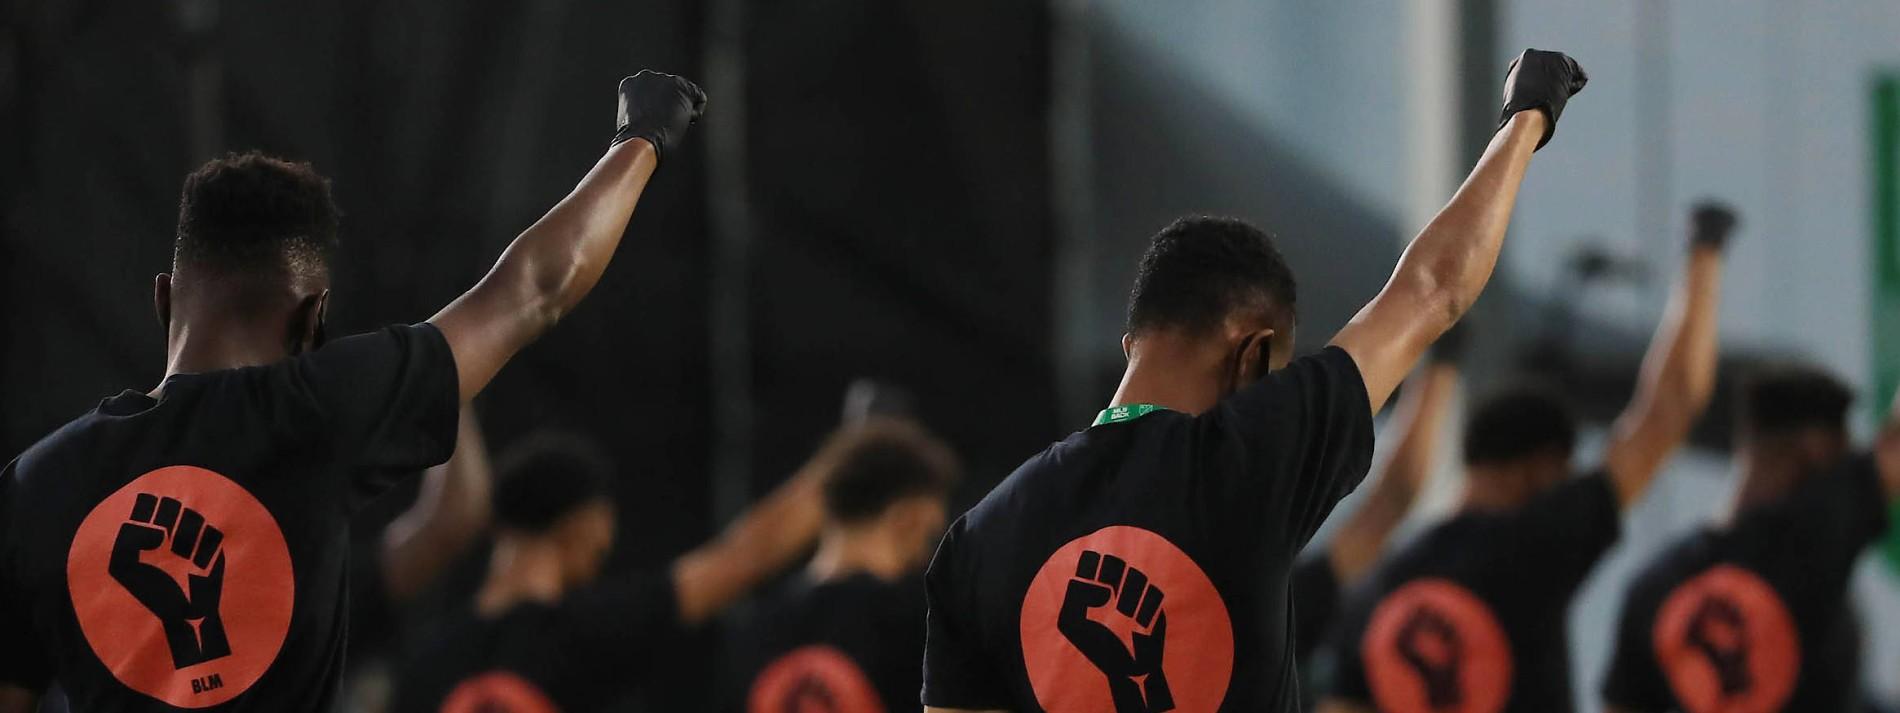 Die amerikanischen Fußballer bekennen Farbe